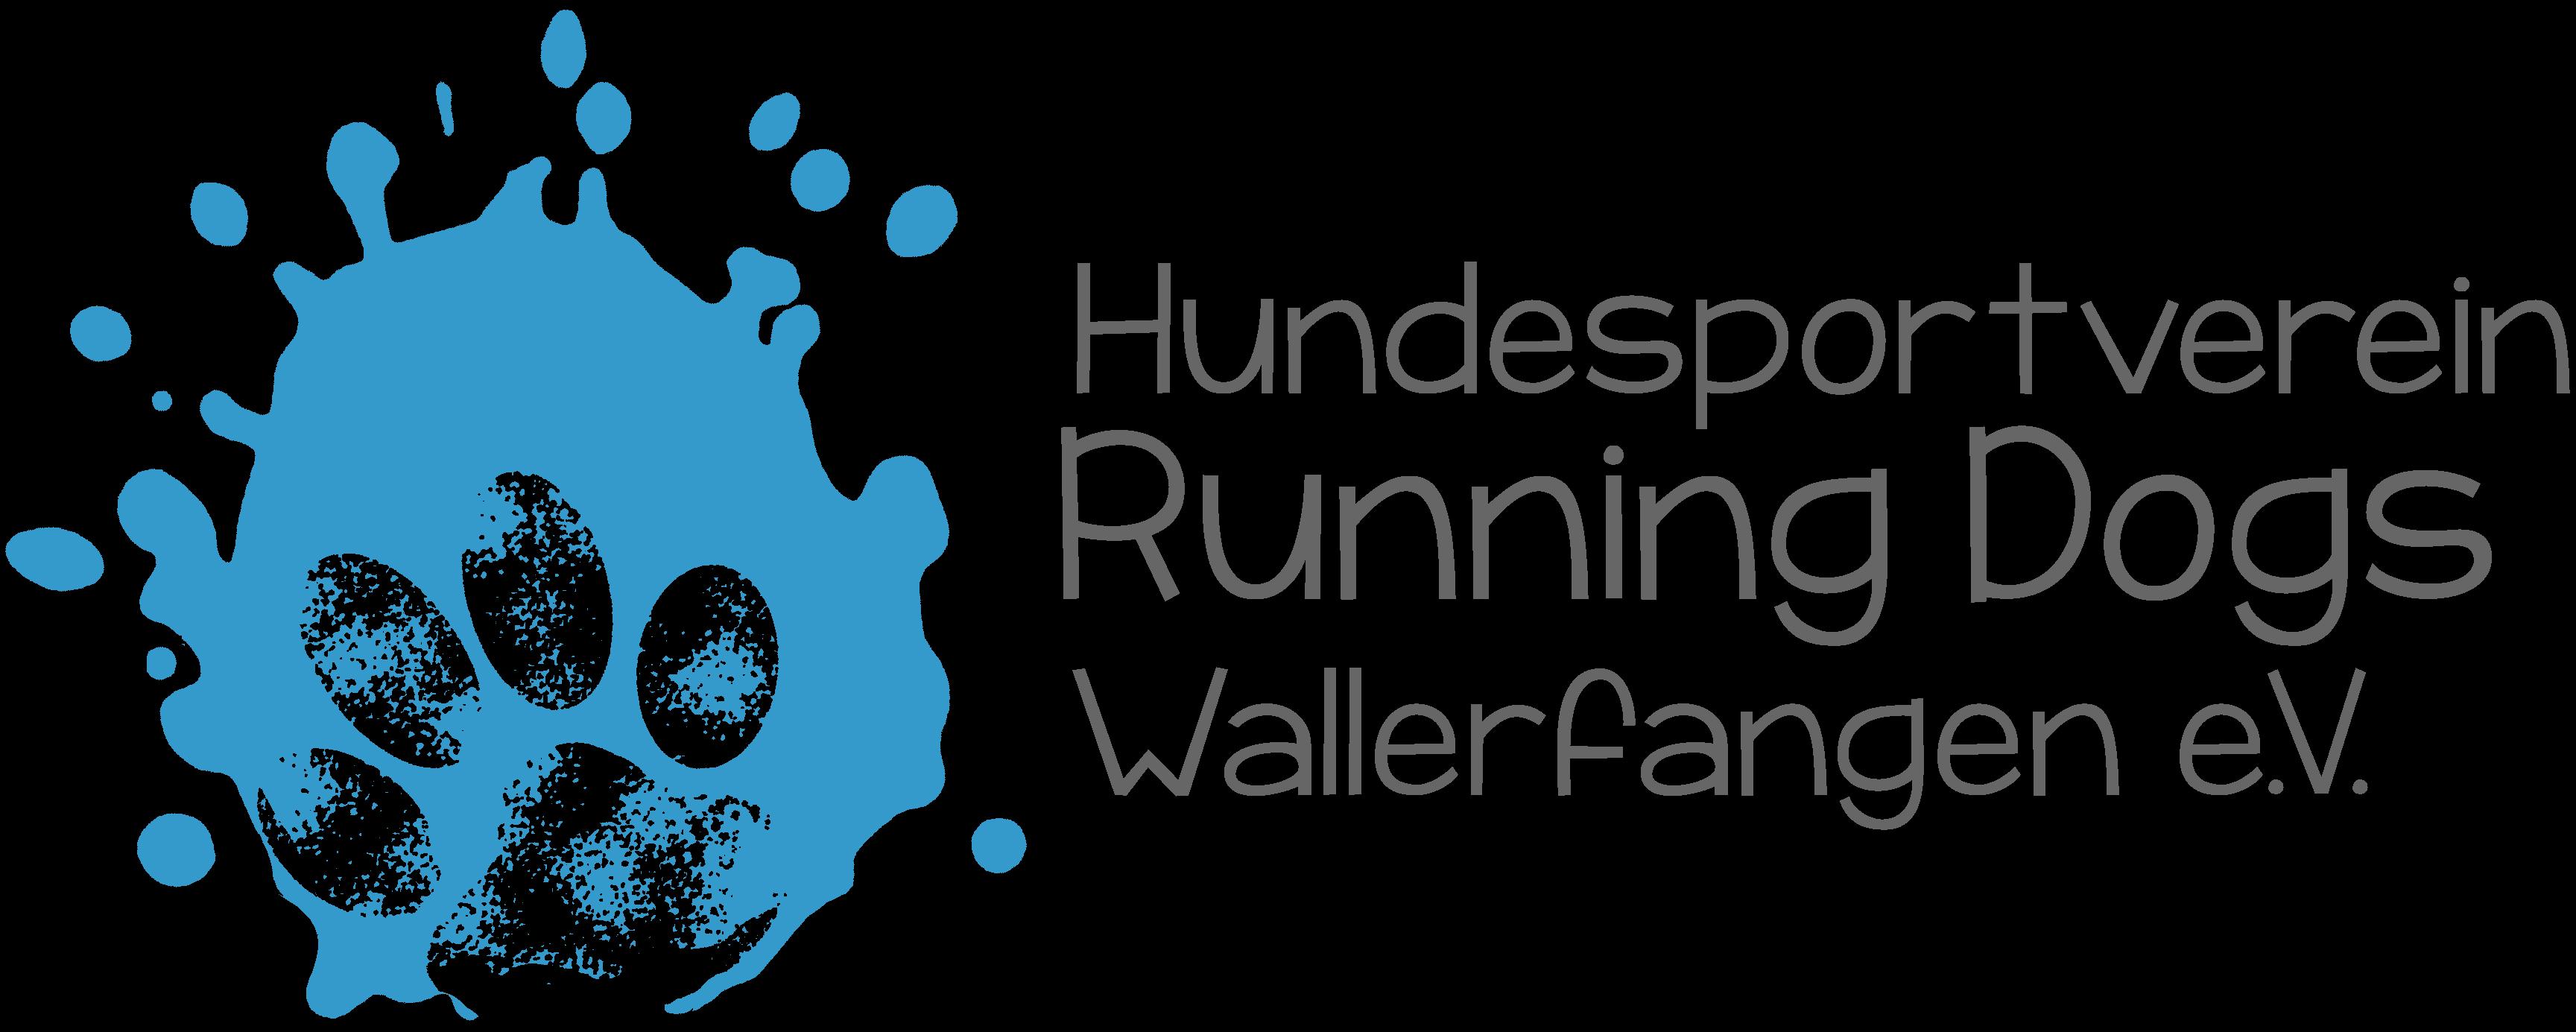 Running Dogs Wallerfangen